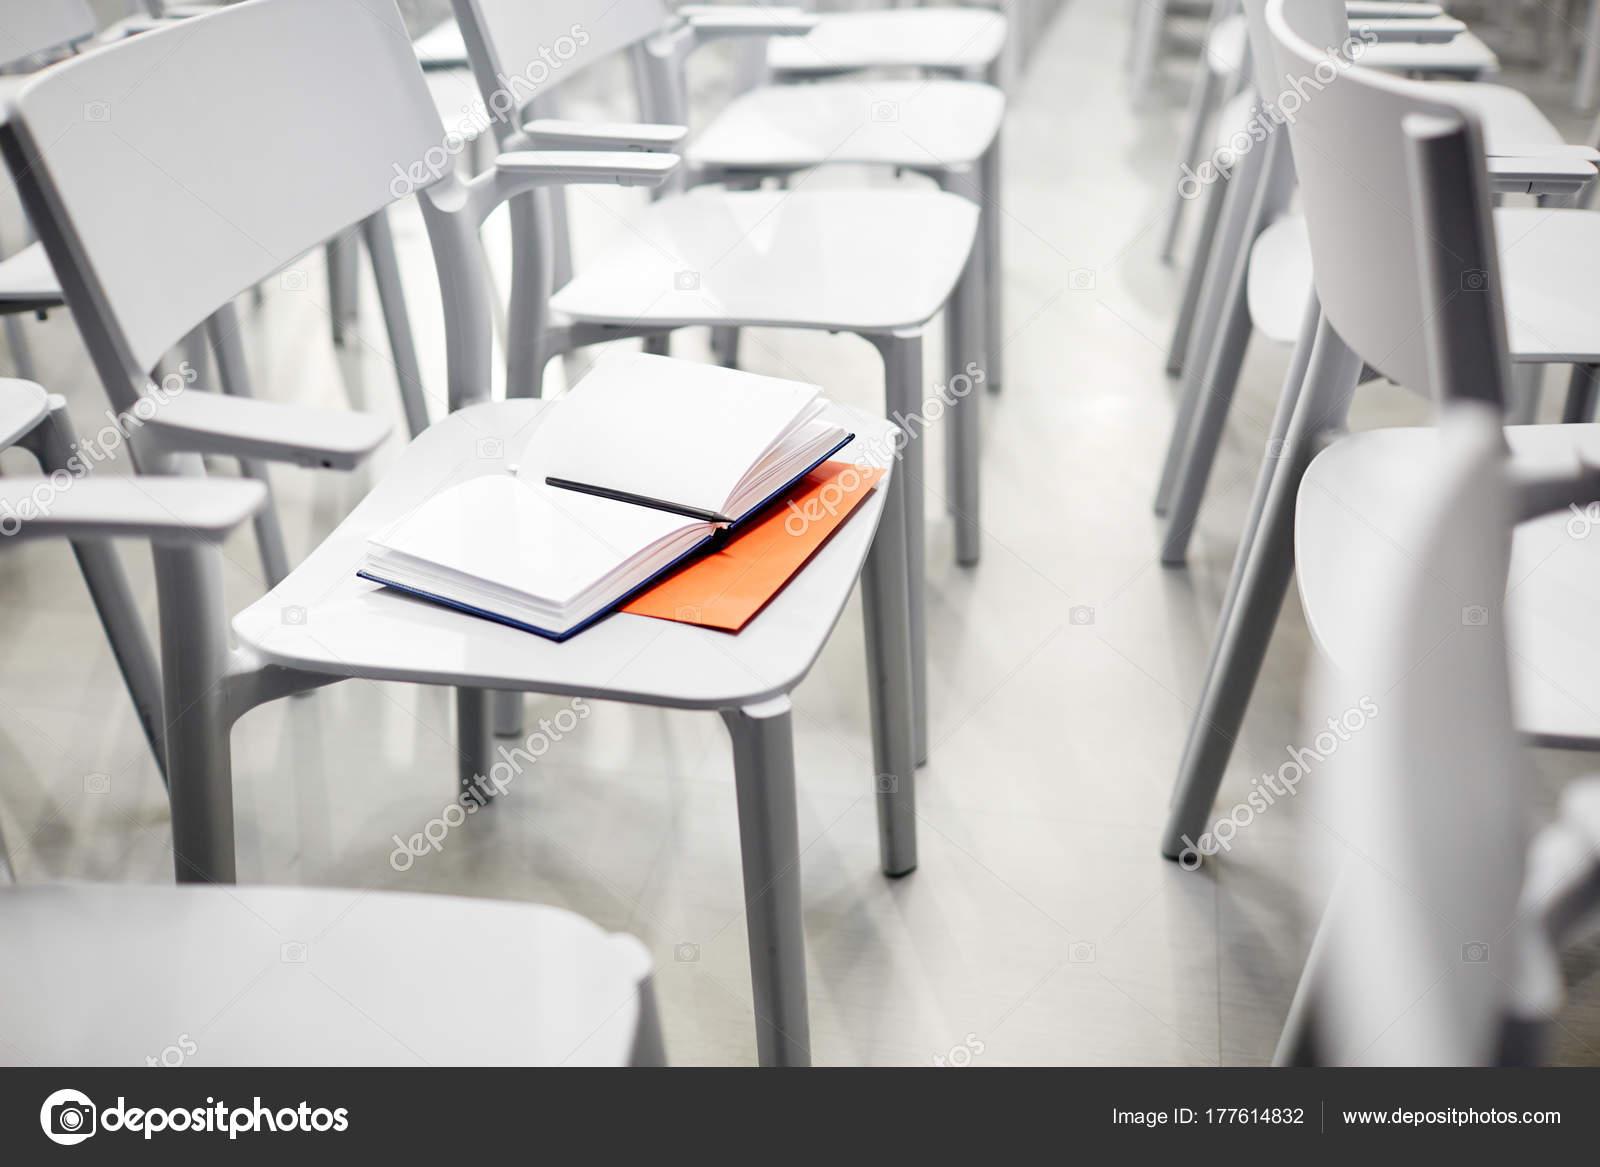 Saal Auf Leeren Geöffneten Notizbuch Stift Stuhl Und u31lTJcFK